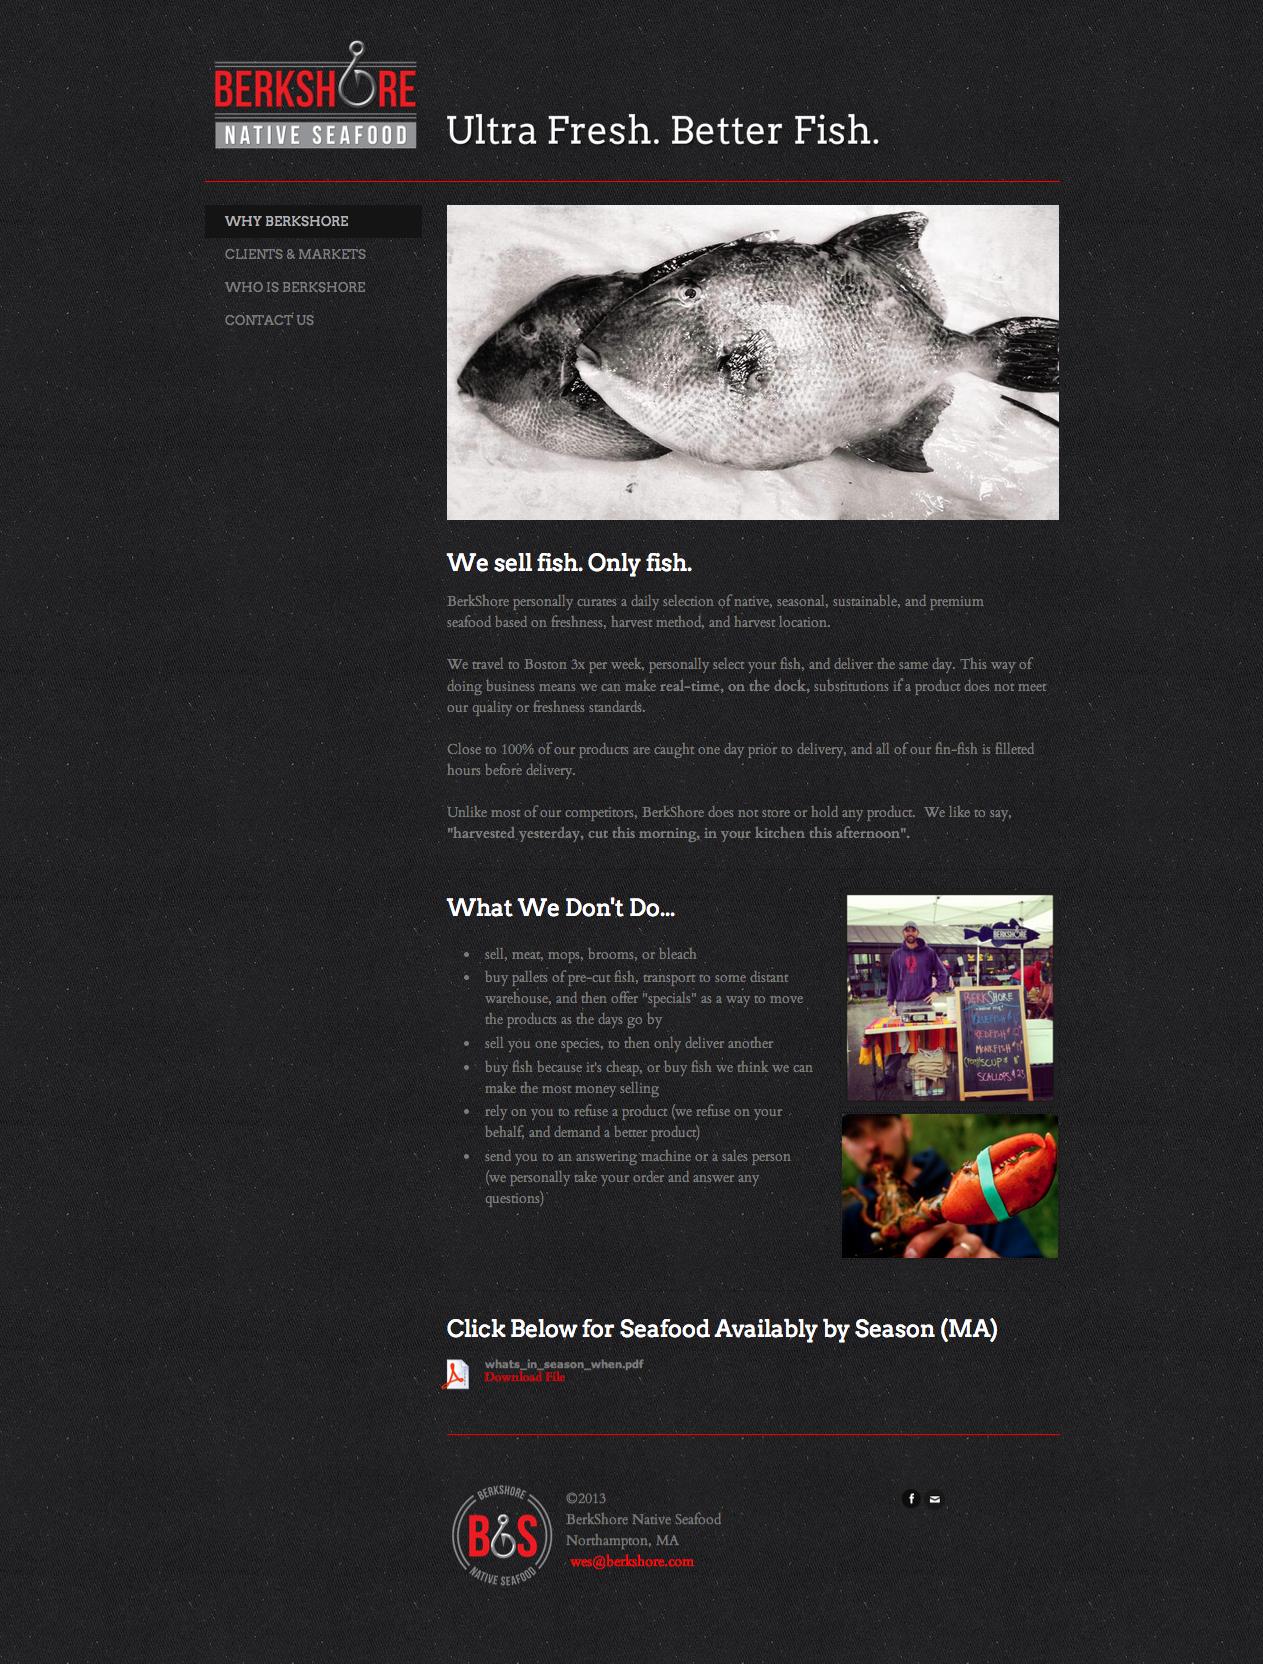 BerkShore Native Seafood